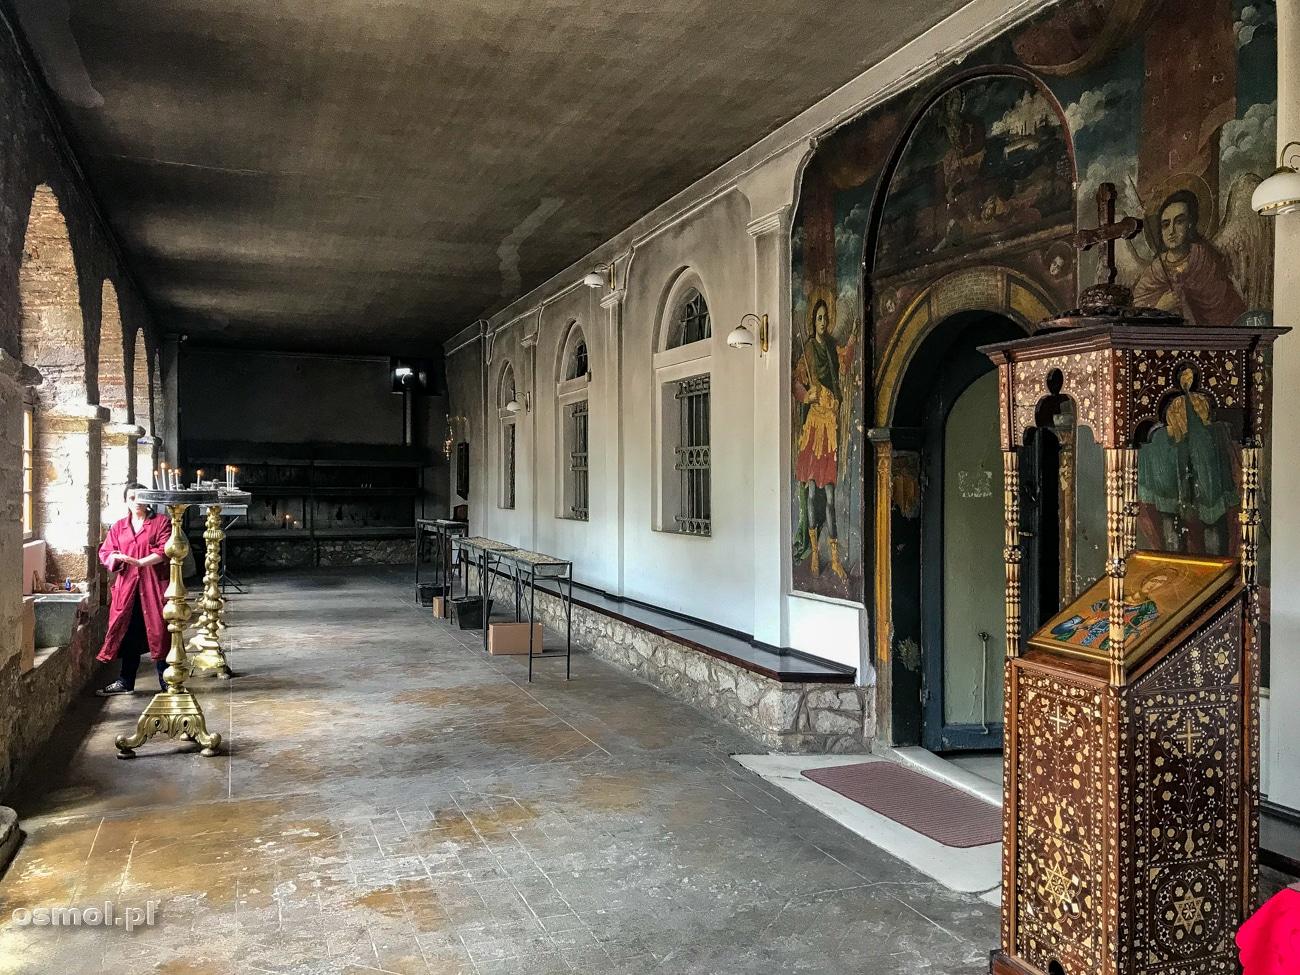 Wejście do cerkwi świętego Dymitra